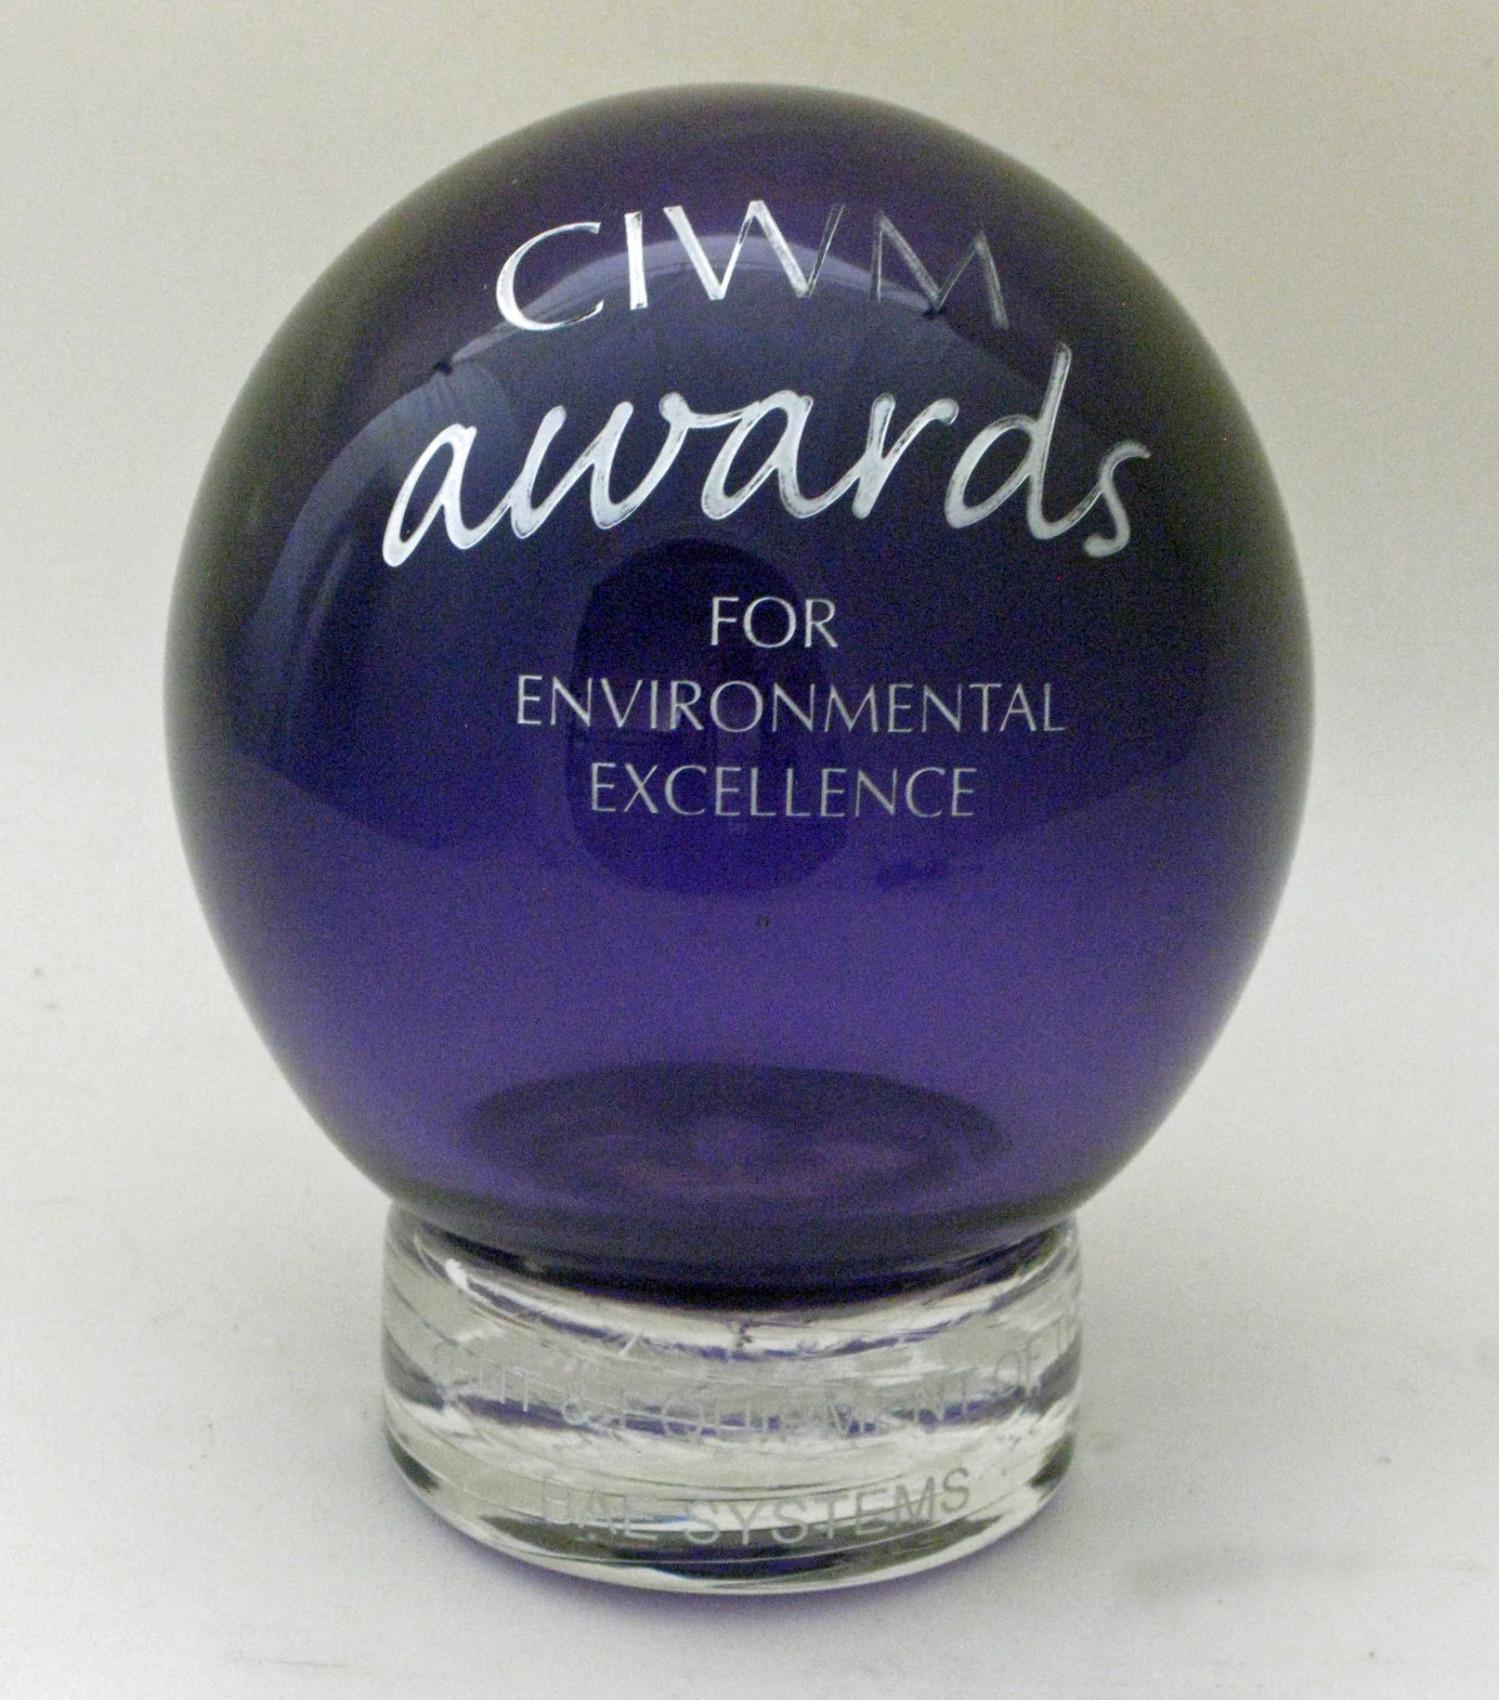 CIWM Award for Environmental Excellence, 2012